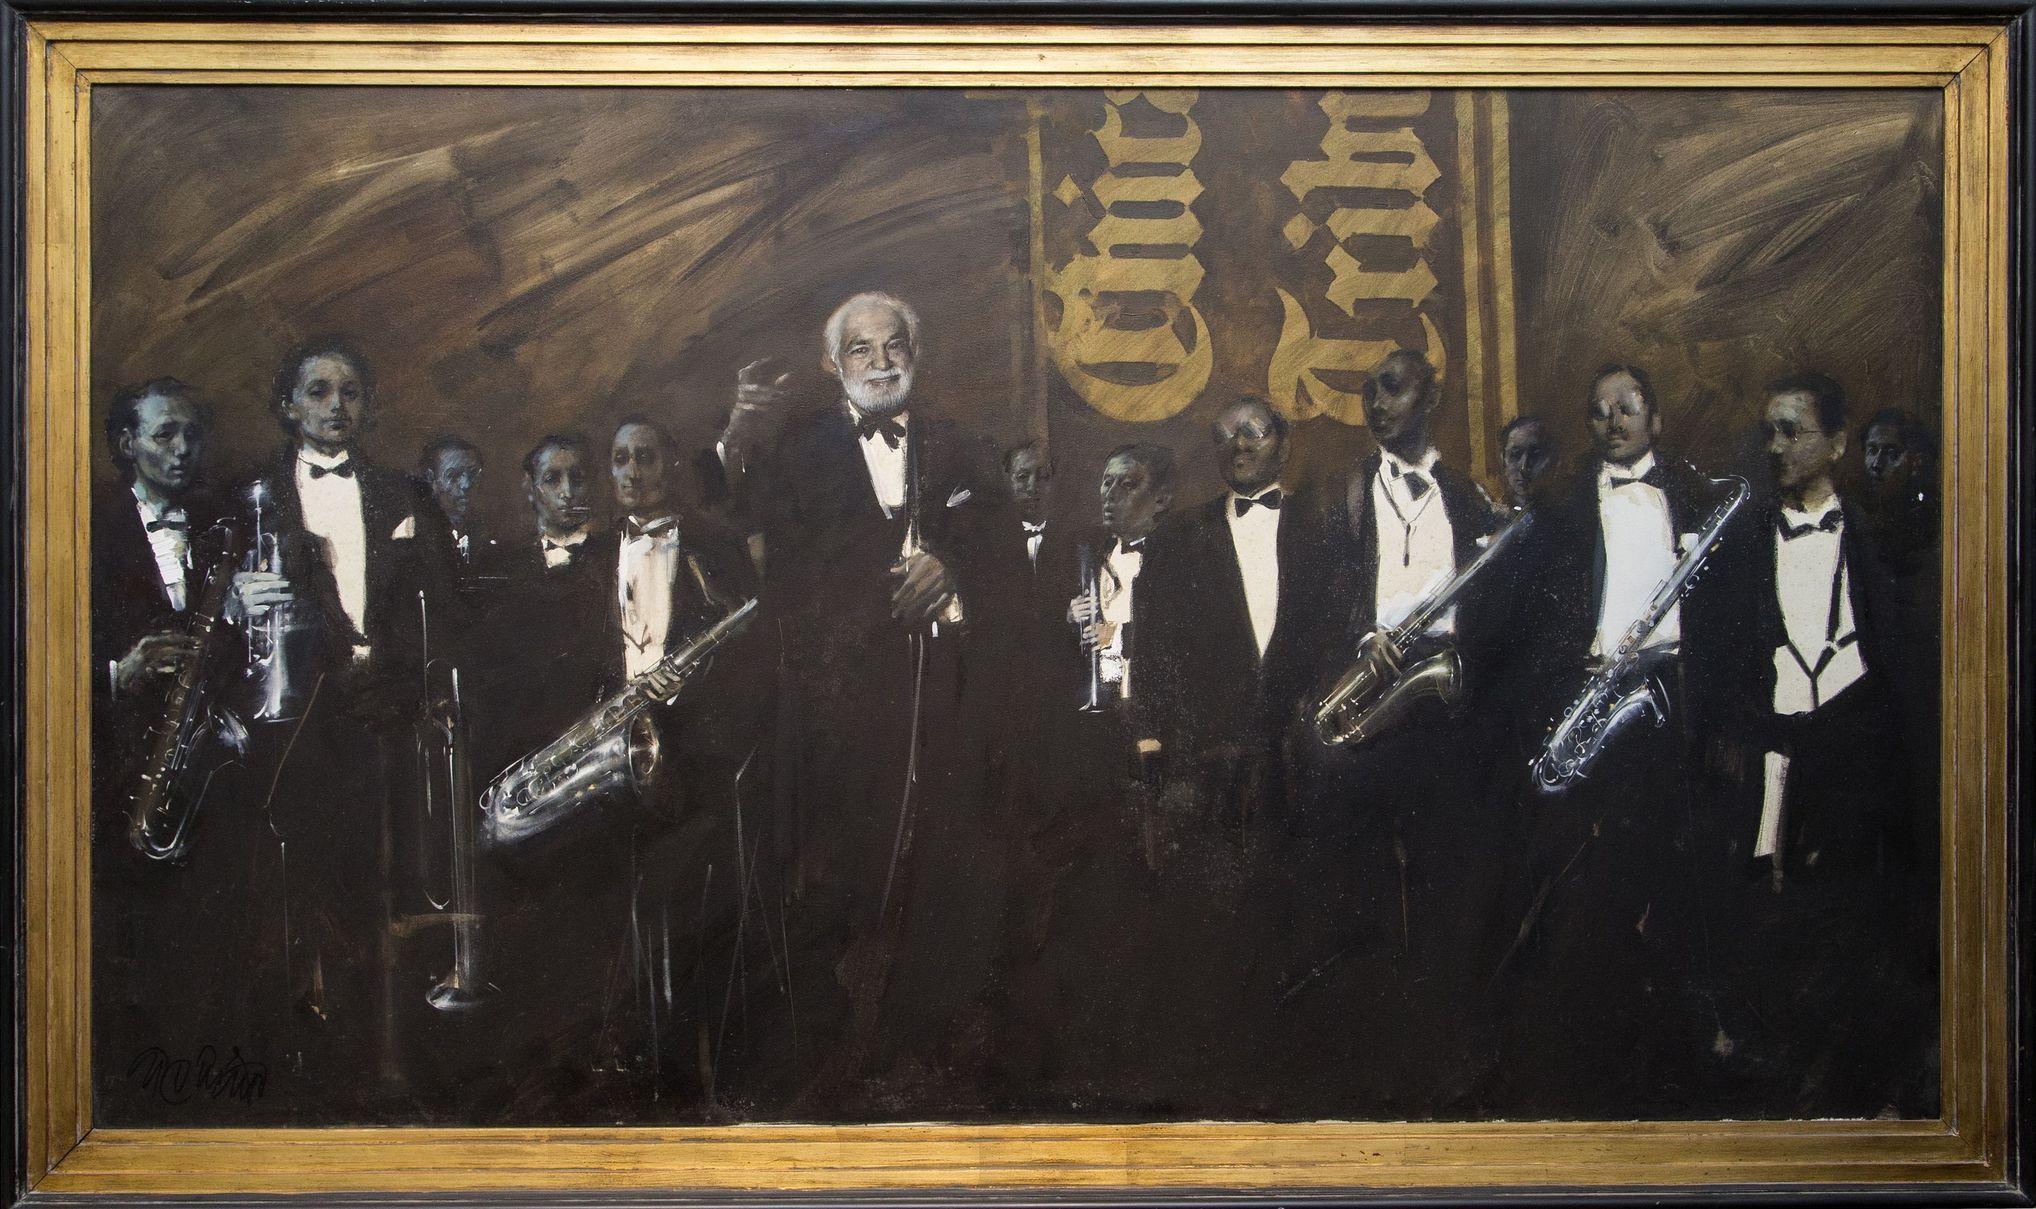 Gyémánt László All that jazz